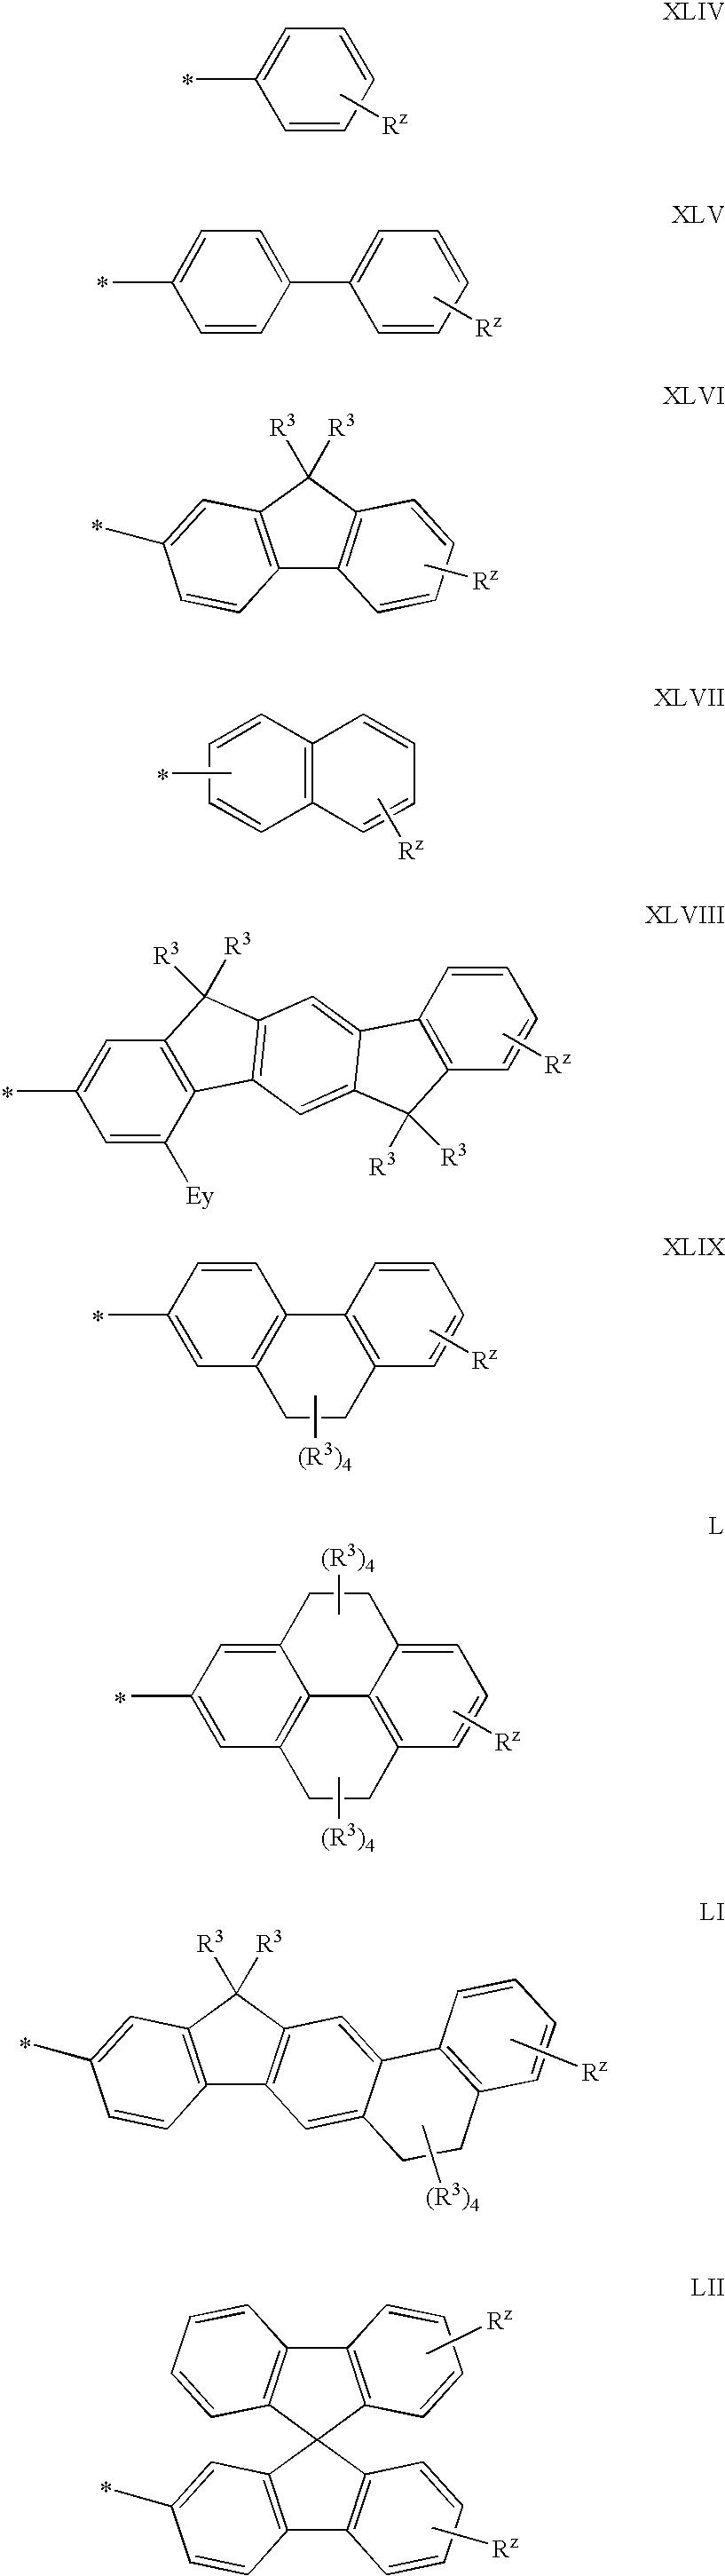 Figure US20040062930A1-20040401-C00011